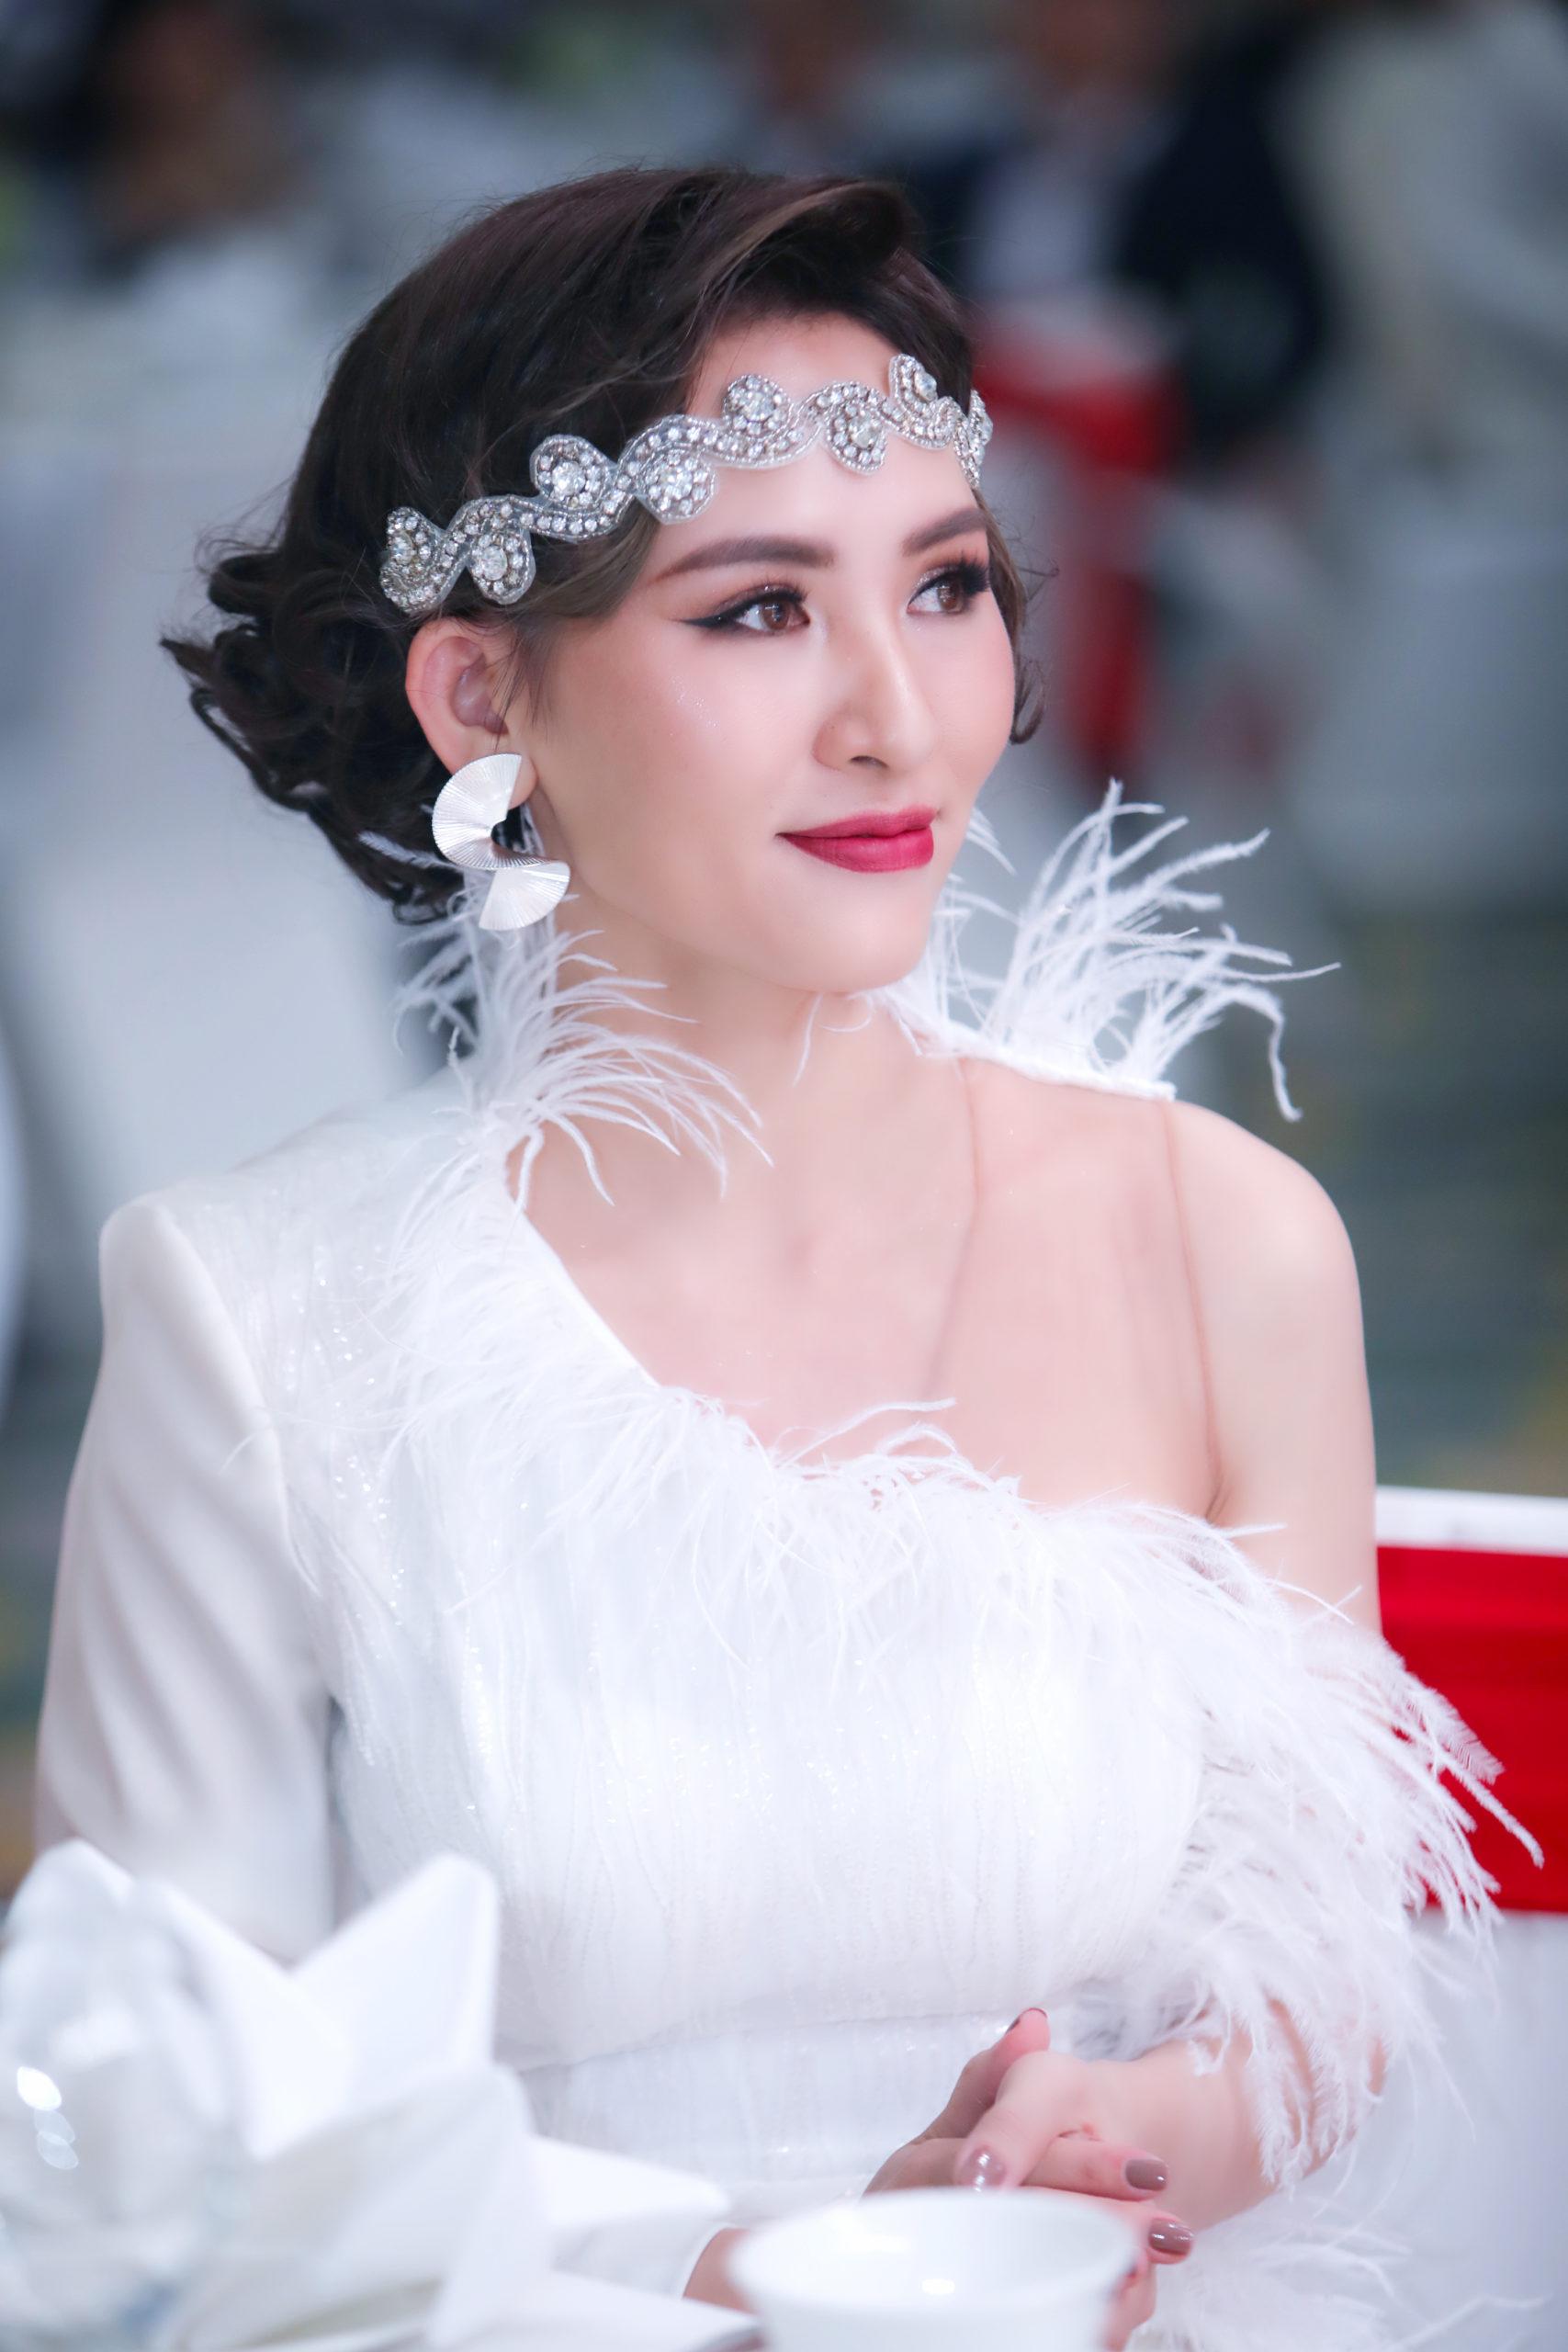 Quán quân sắc đẹp quốc tế Kim Sỹ ra mắt bộ sưu tập thời trang của YSG